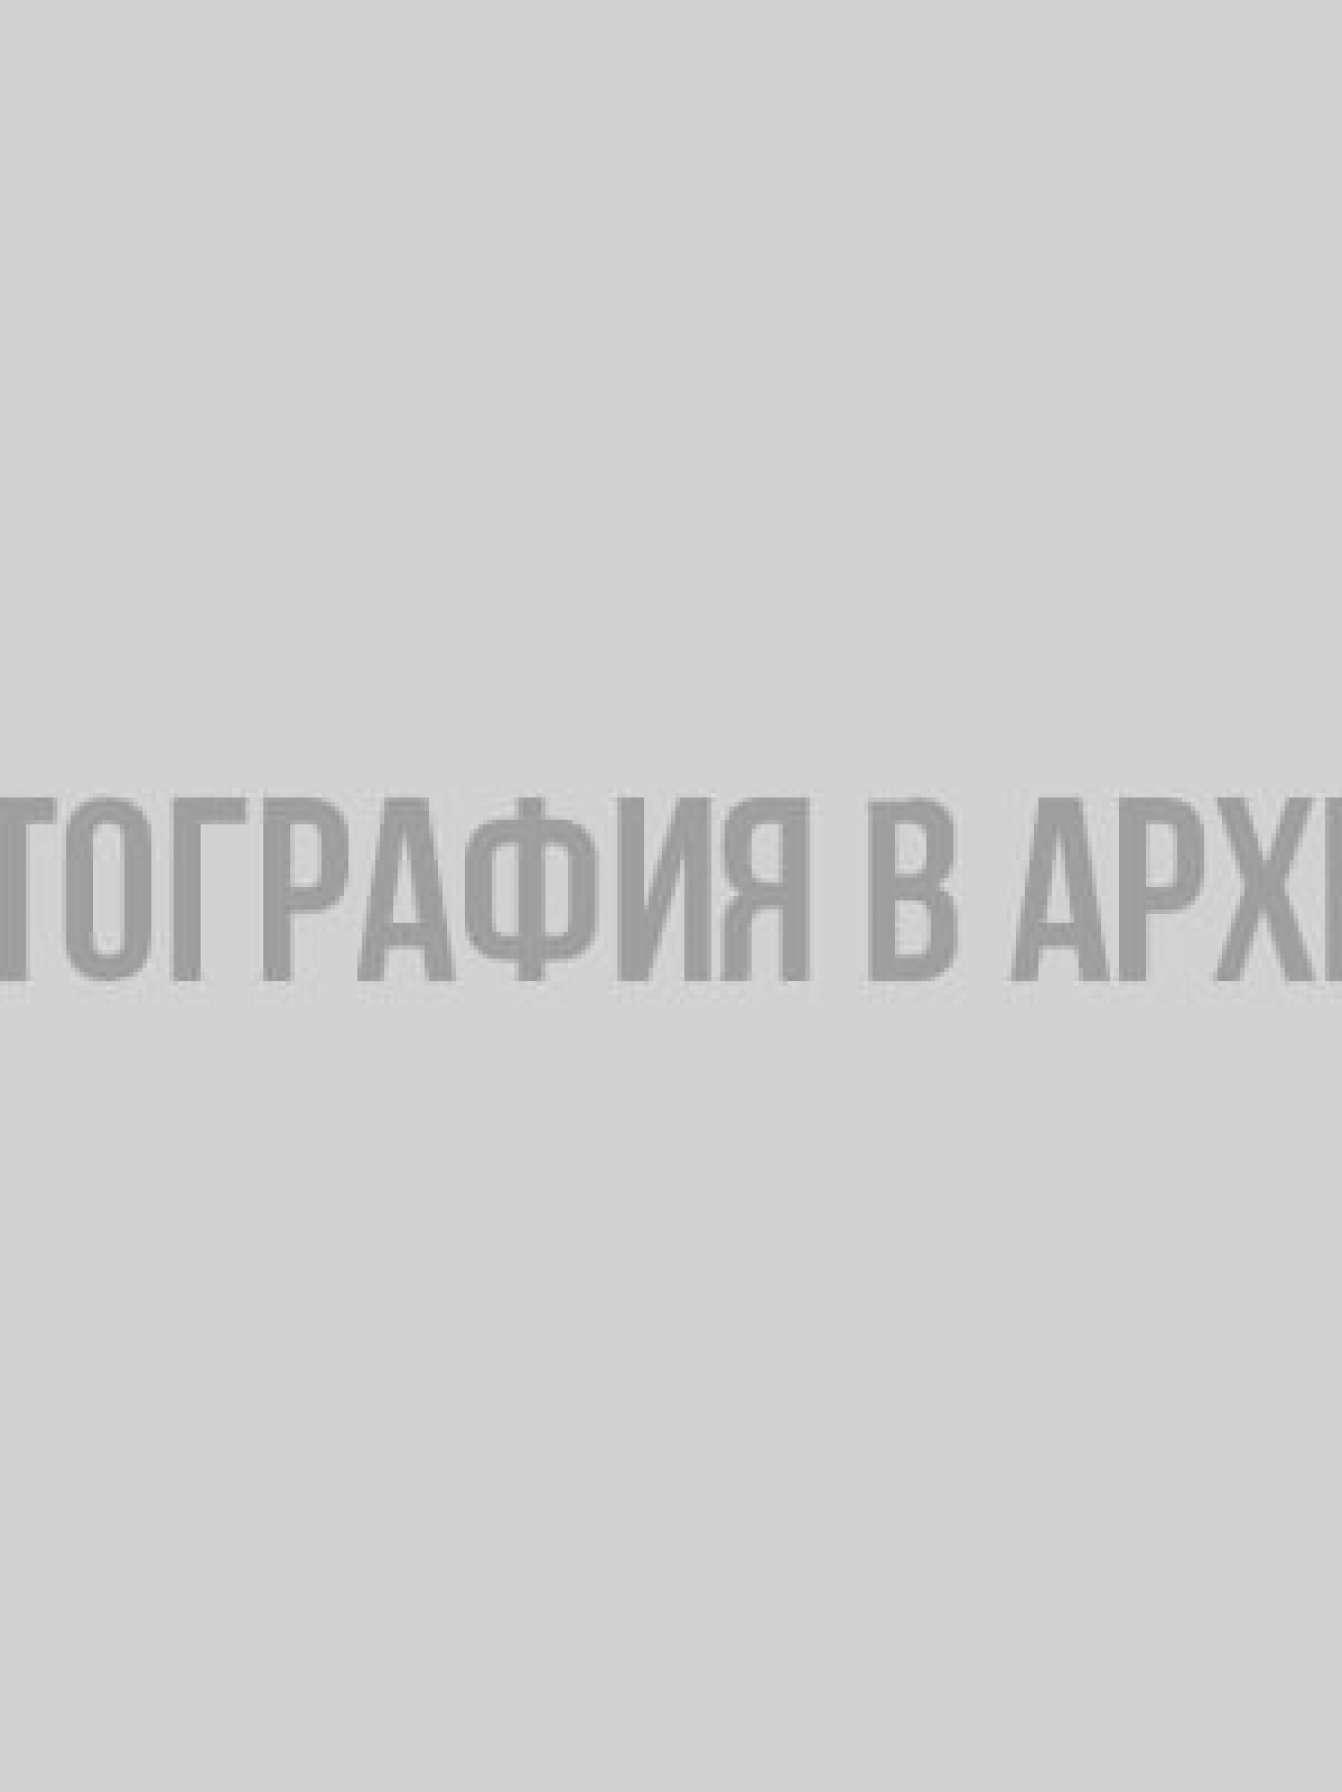 Фото: грибники Ленобласти хвастаются в соцсетях своим «уловом» Тихая охота, Ленобласть, грибы, грибники